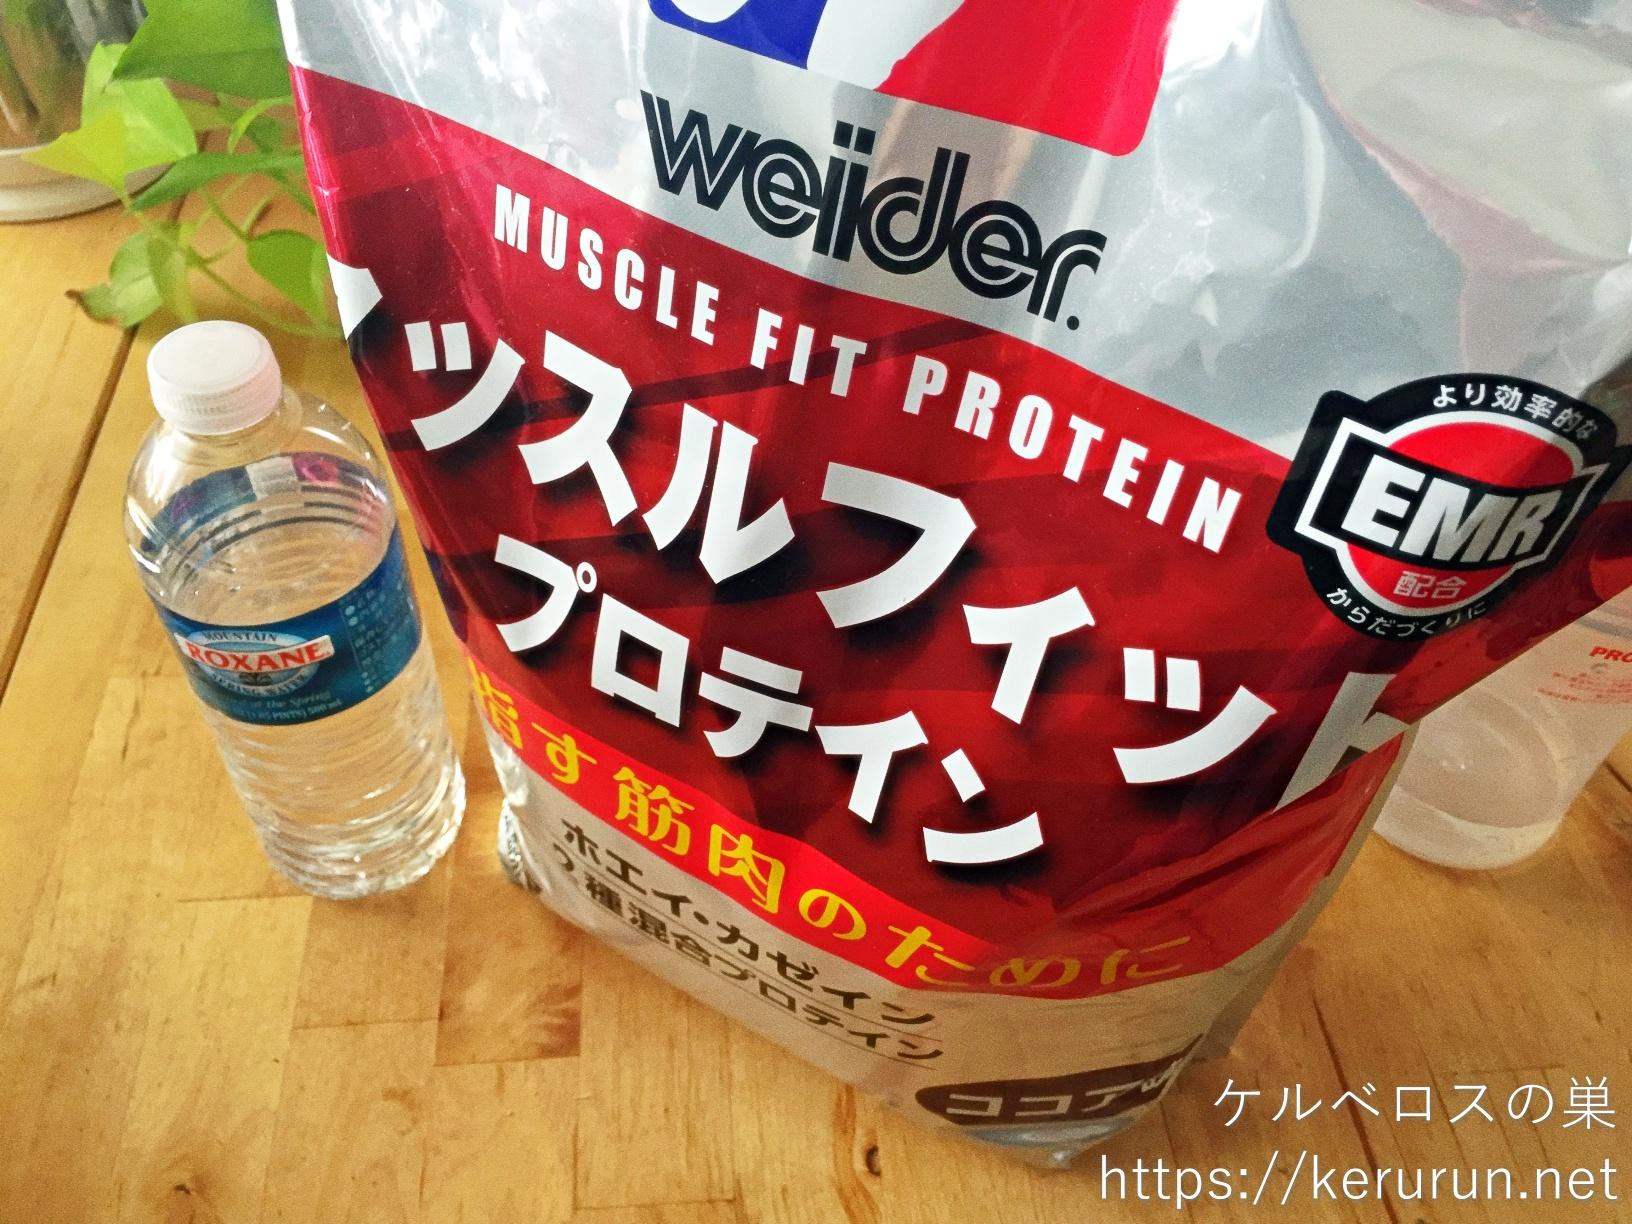 【コストコ】マッスルフィット プロテイン ココア味 2.5kg